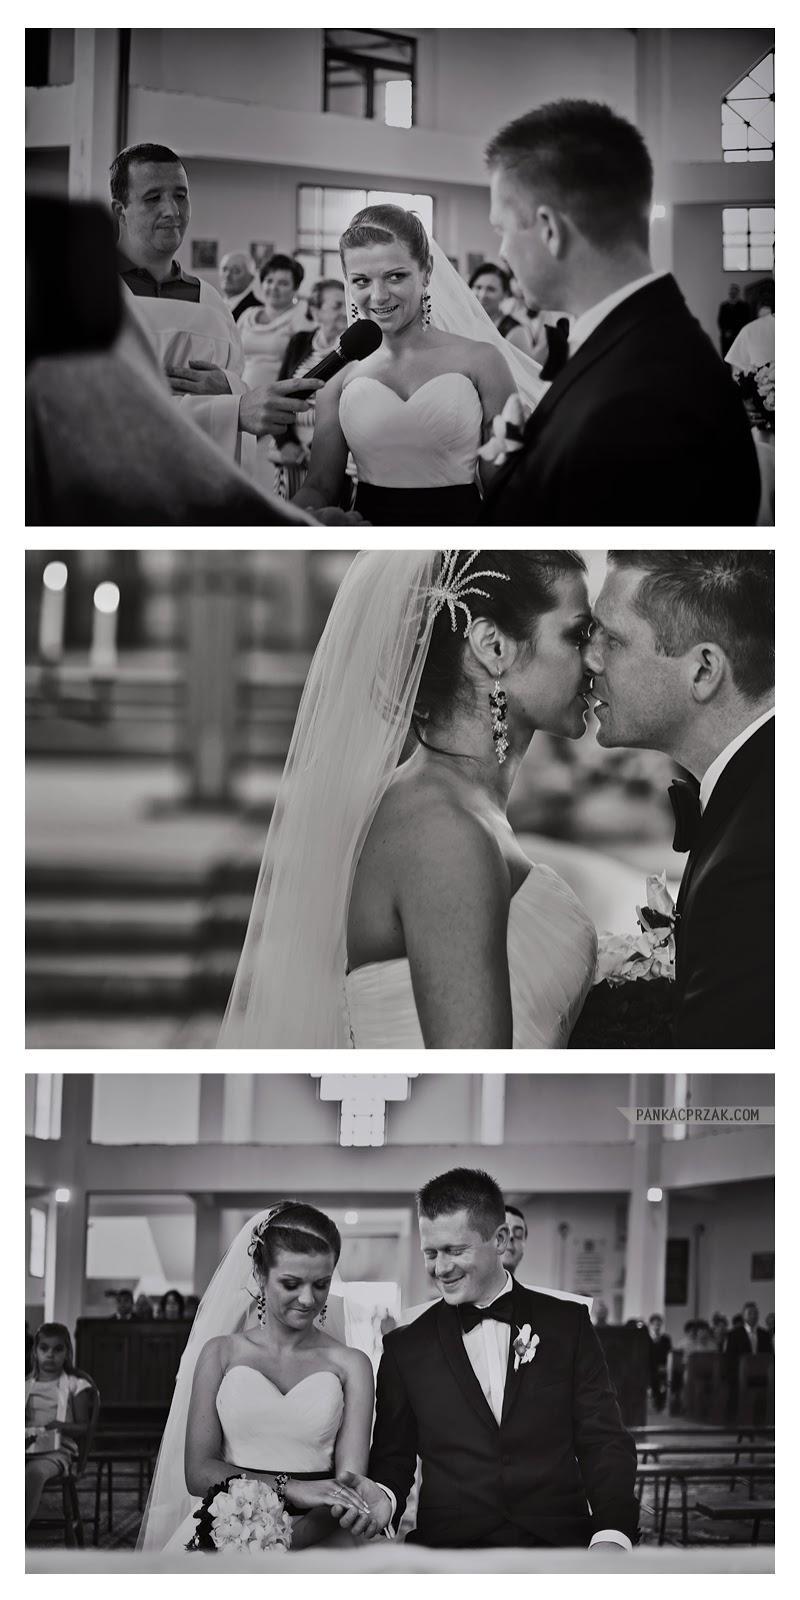 Ślub przysięga zdjęcia